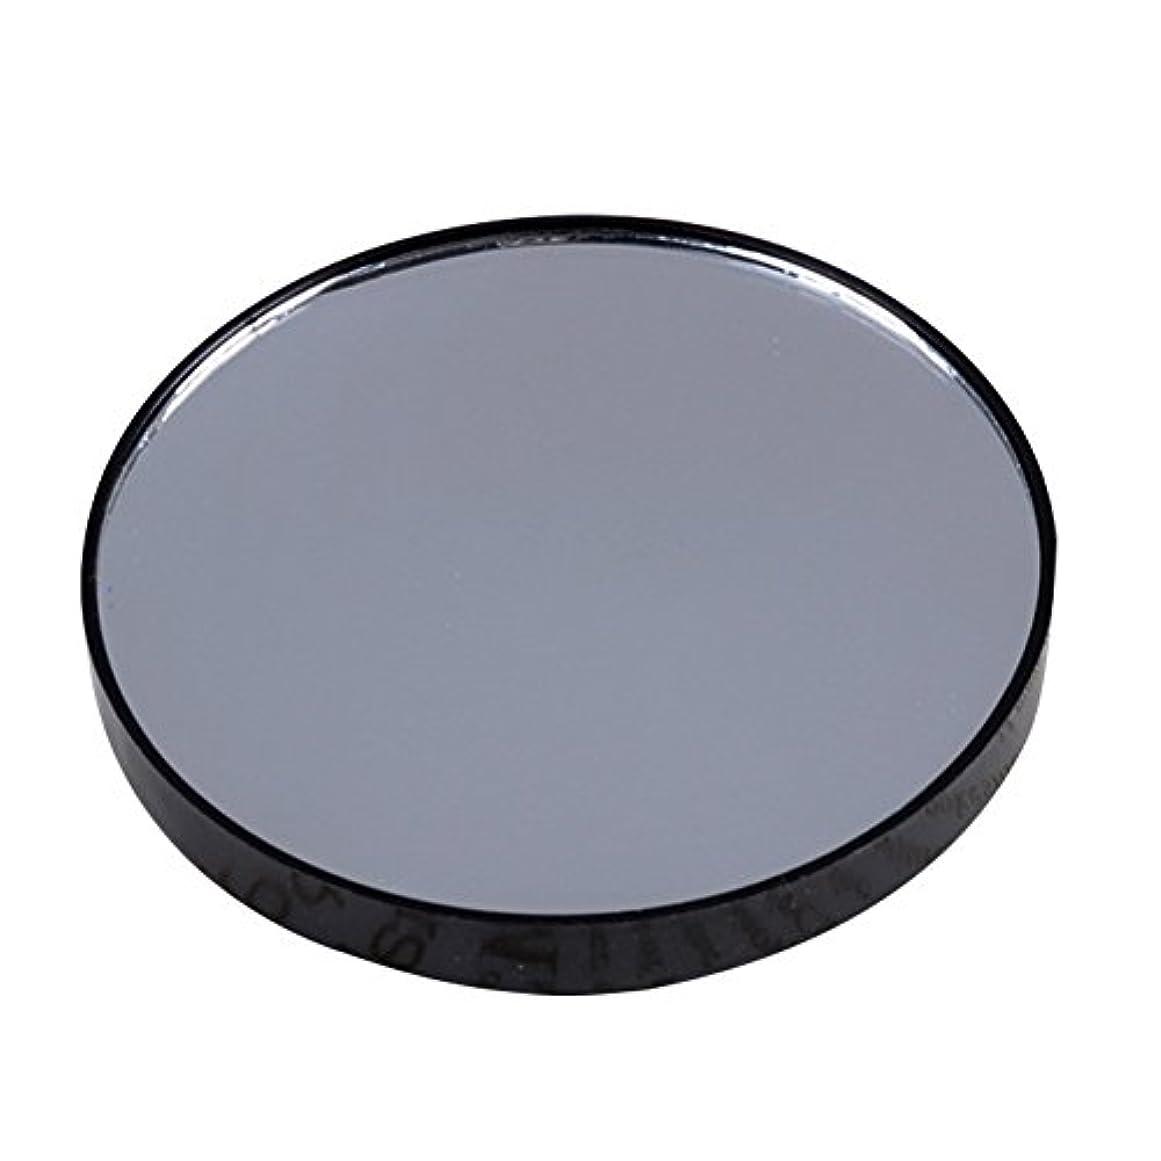 無視できる警察拘束YideaHome メイクアップミラー 化粧鏡 拡大鏡 5倍 10倍 15倍 強力吸盤付き メイクミラー 化粧ミラー (10倍)